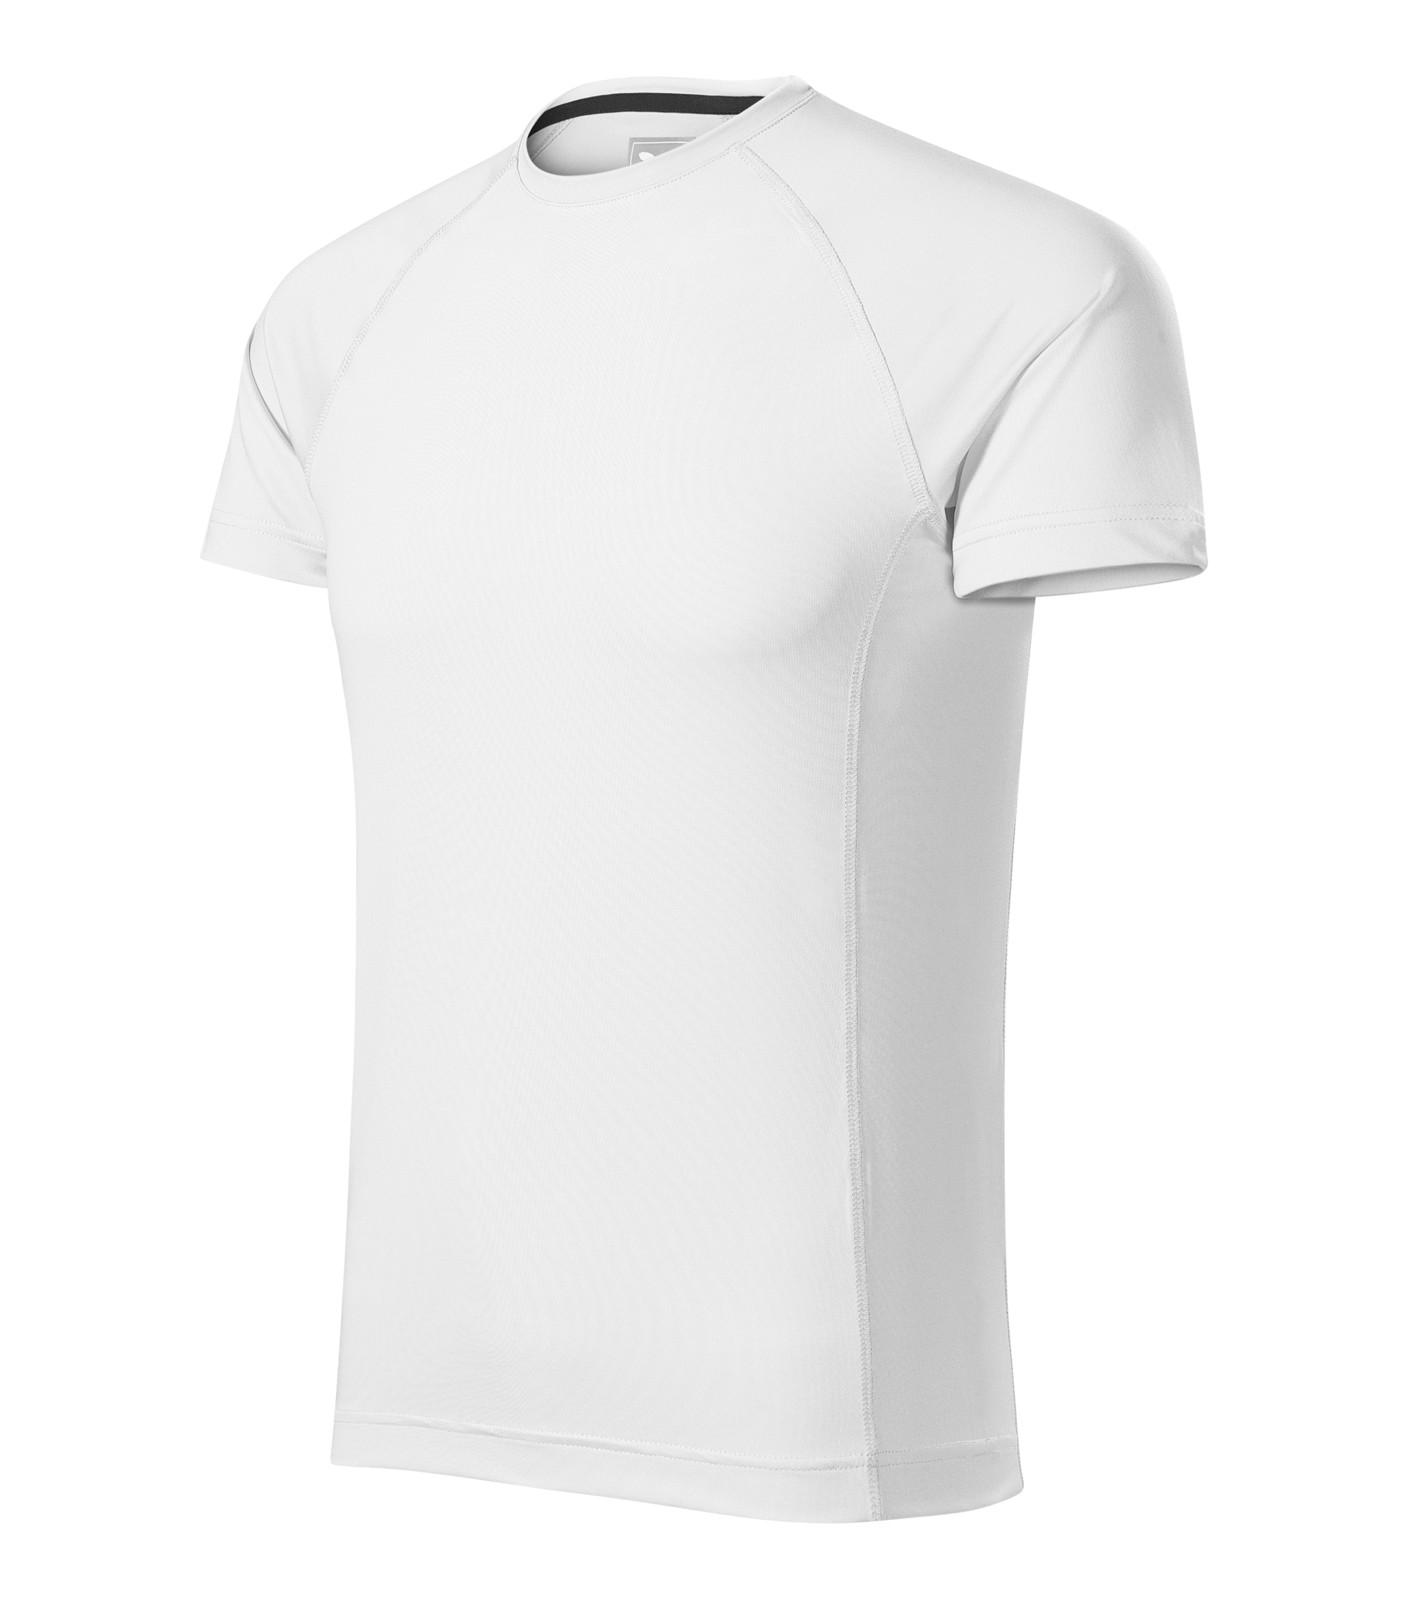 T-shirt men's Malfini Destiny - White / S